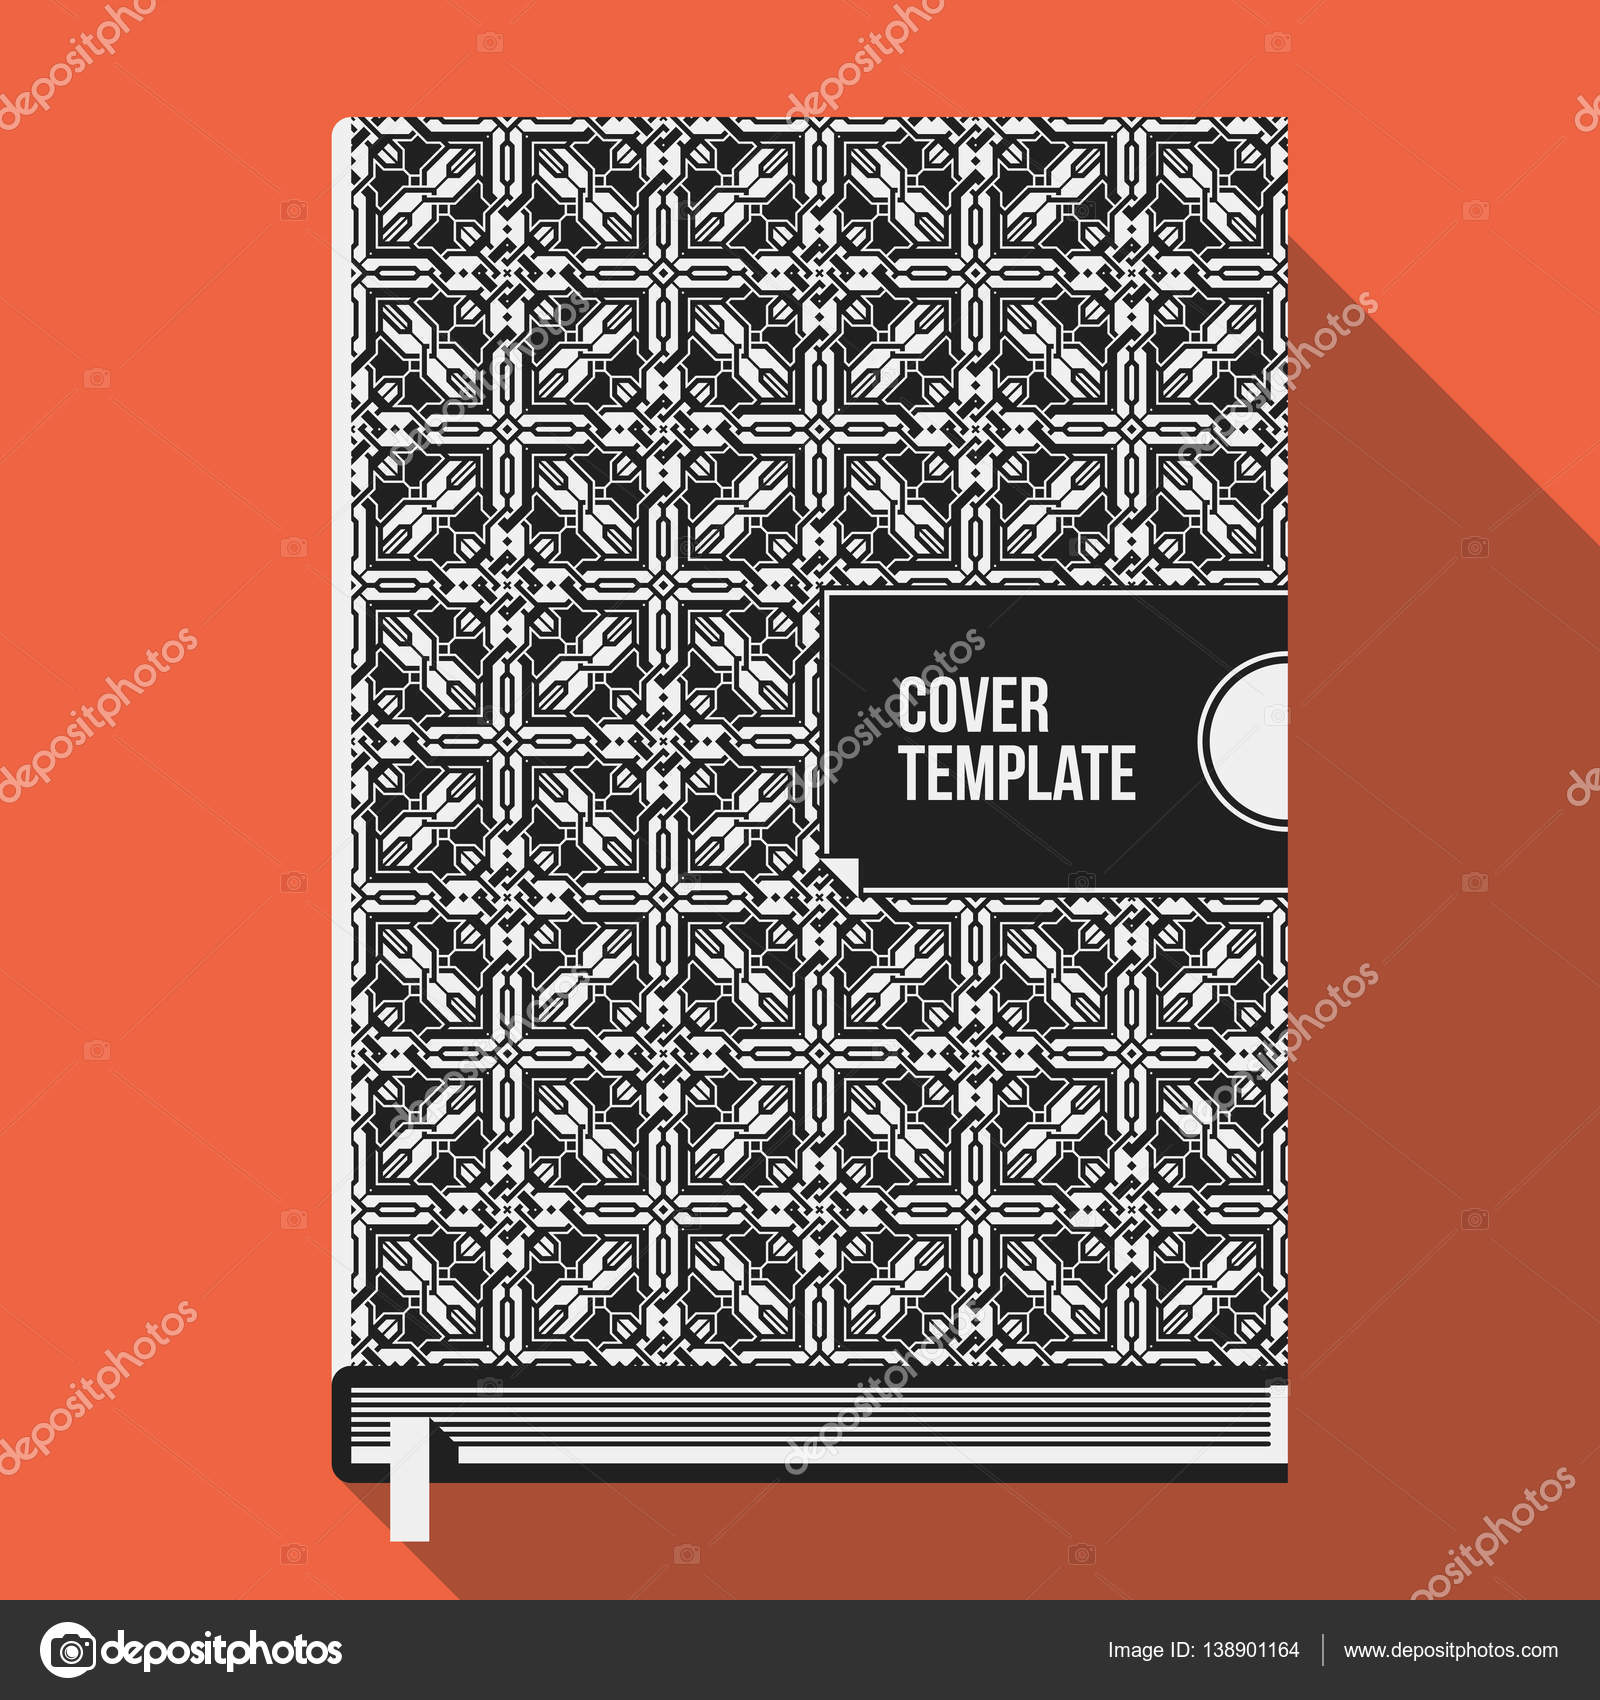 Plantilla de diseño de cubierta libro con patrón geométrico ...